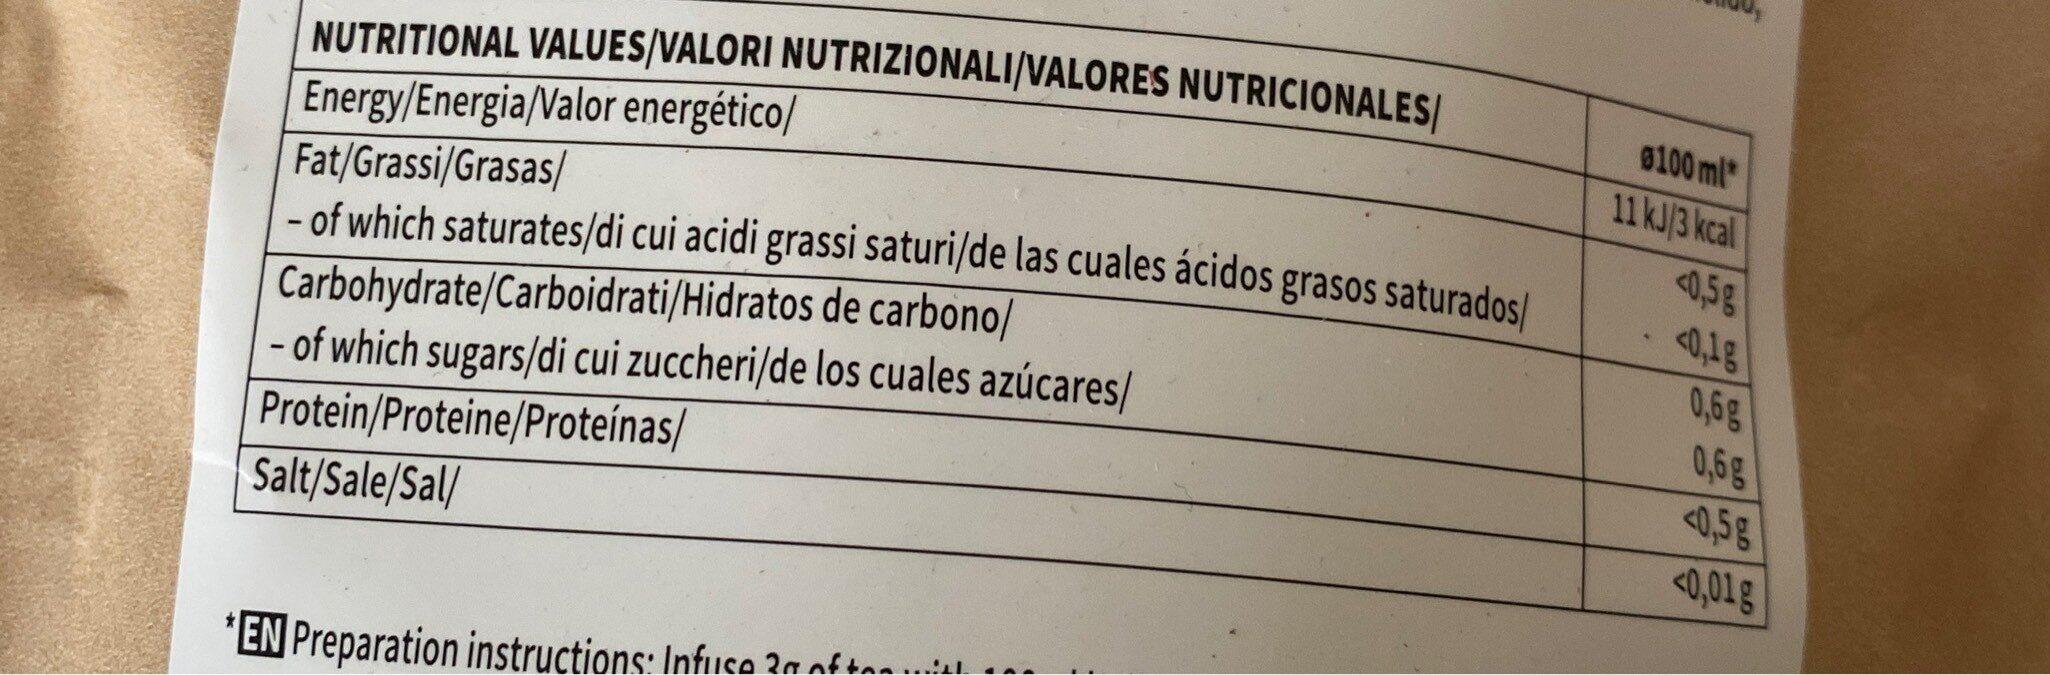 citrus anti cellulite - Información nutricional - es